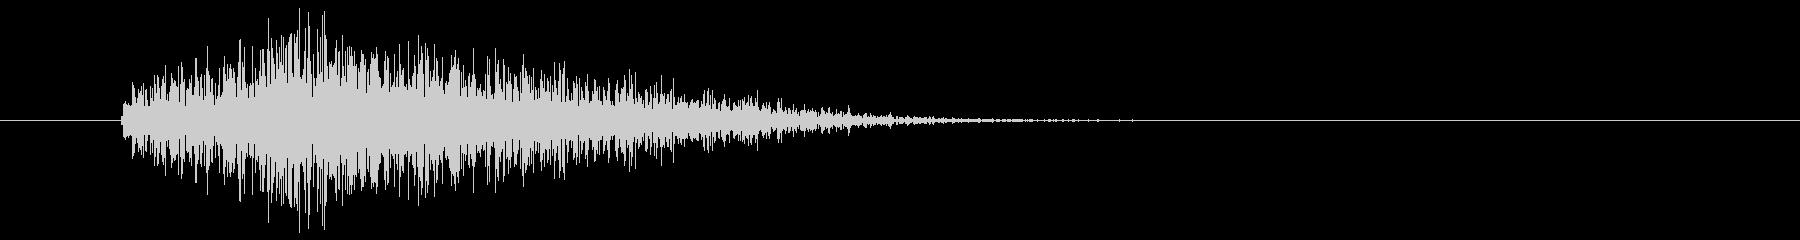 スーパーロボ加速時のスラスター音の未再生の波形